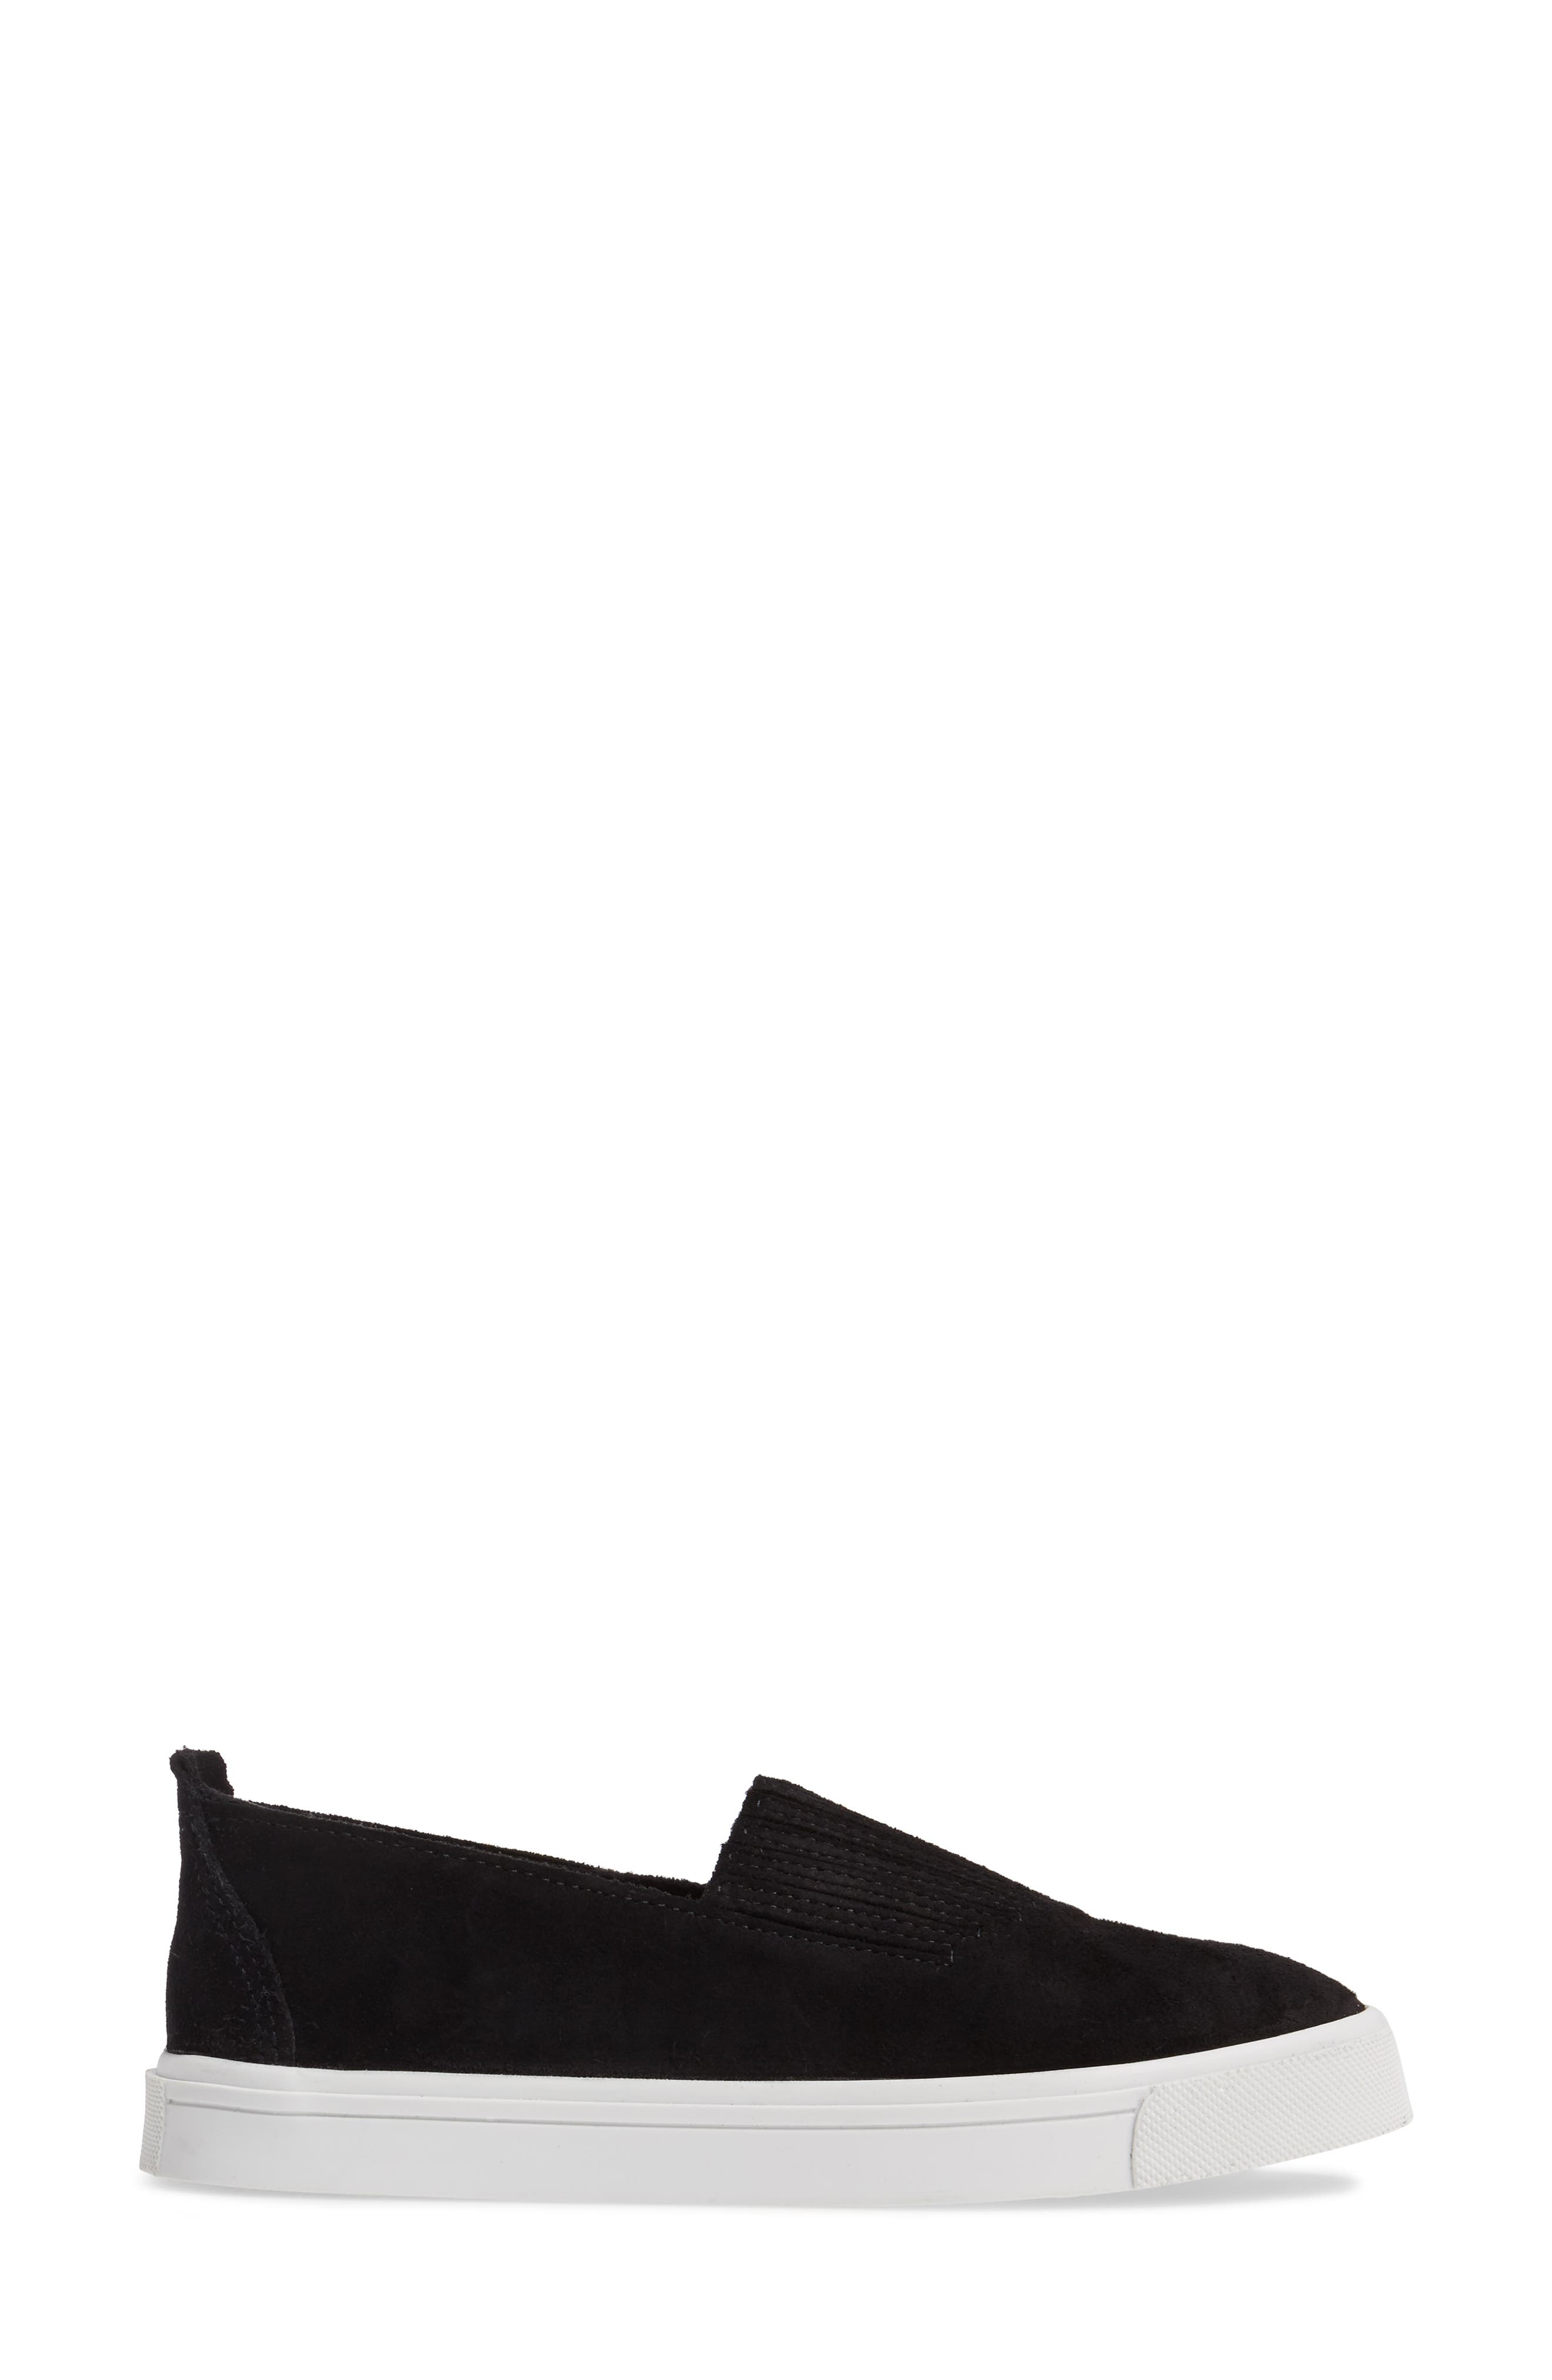 MINNETONKA, Gabi Slip-On Sneaker, Alternate thumbnail 3, color, BLACK